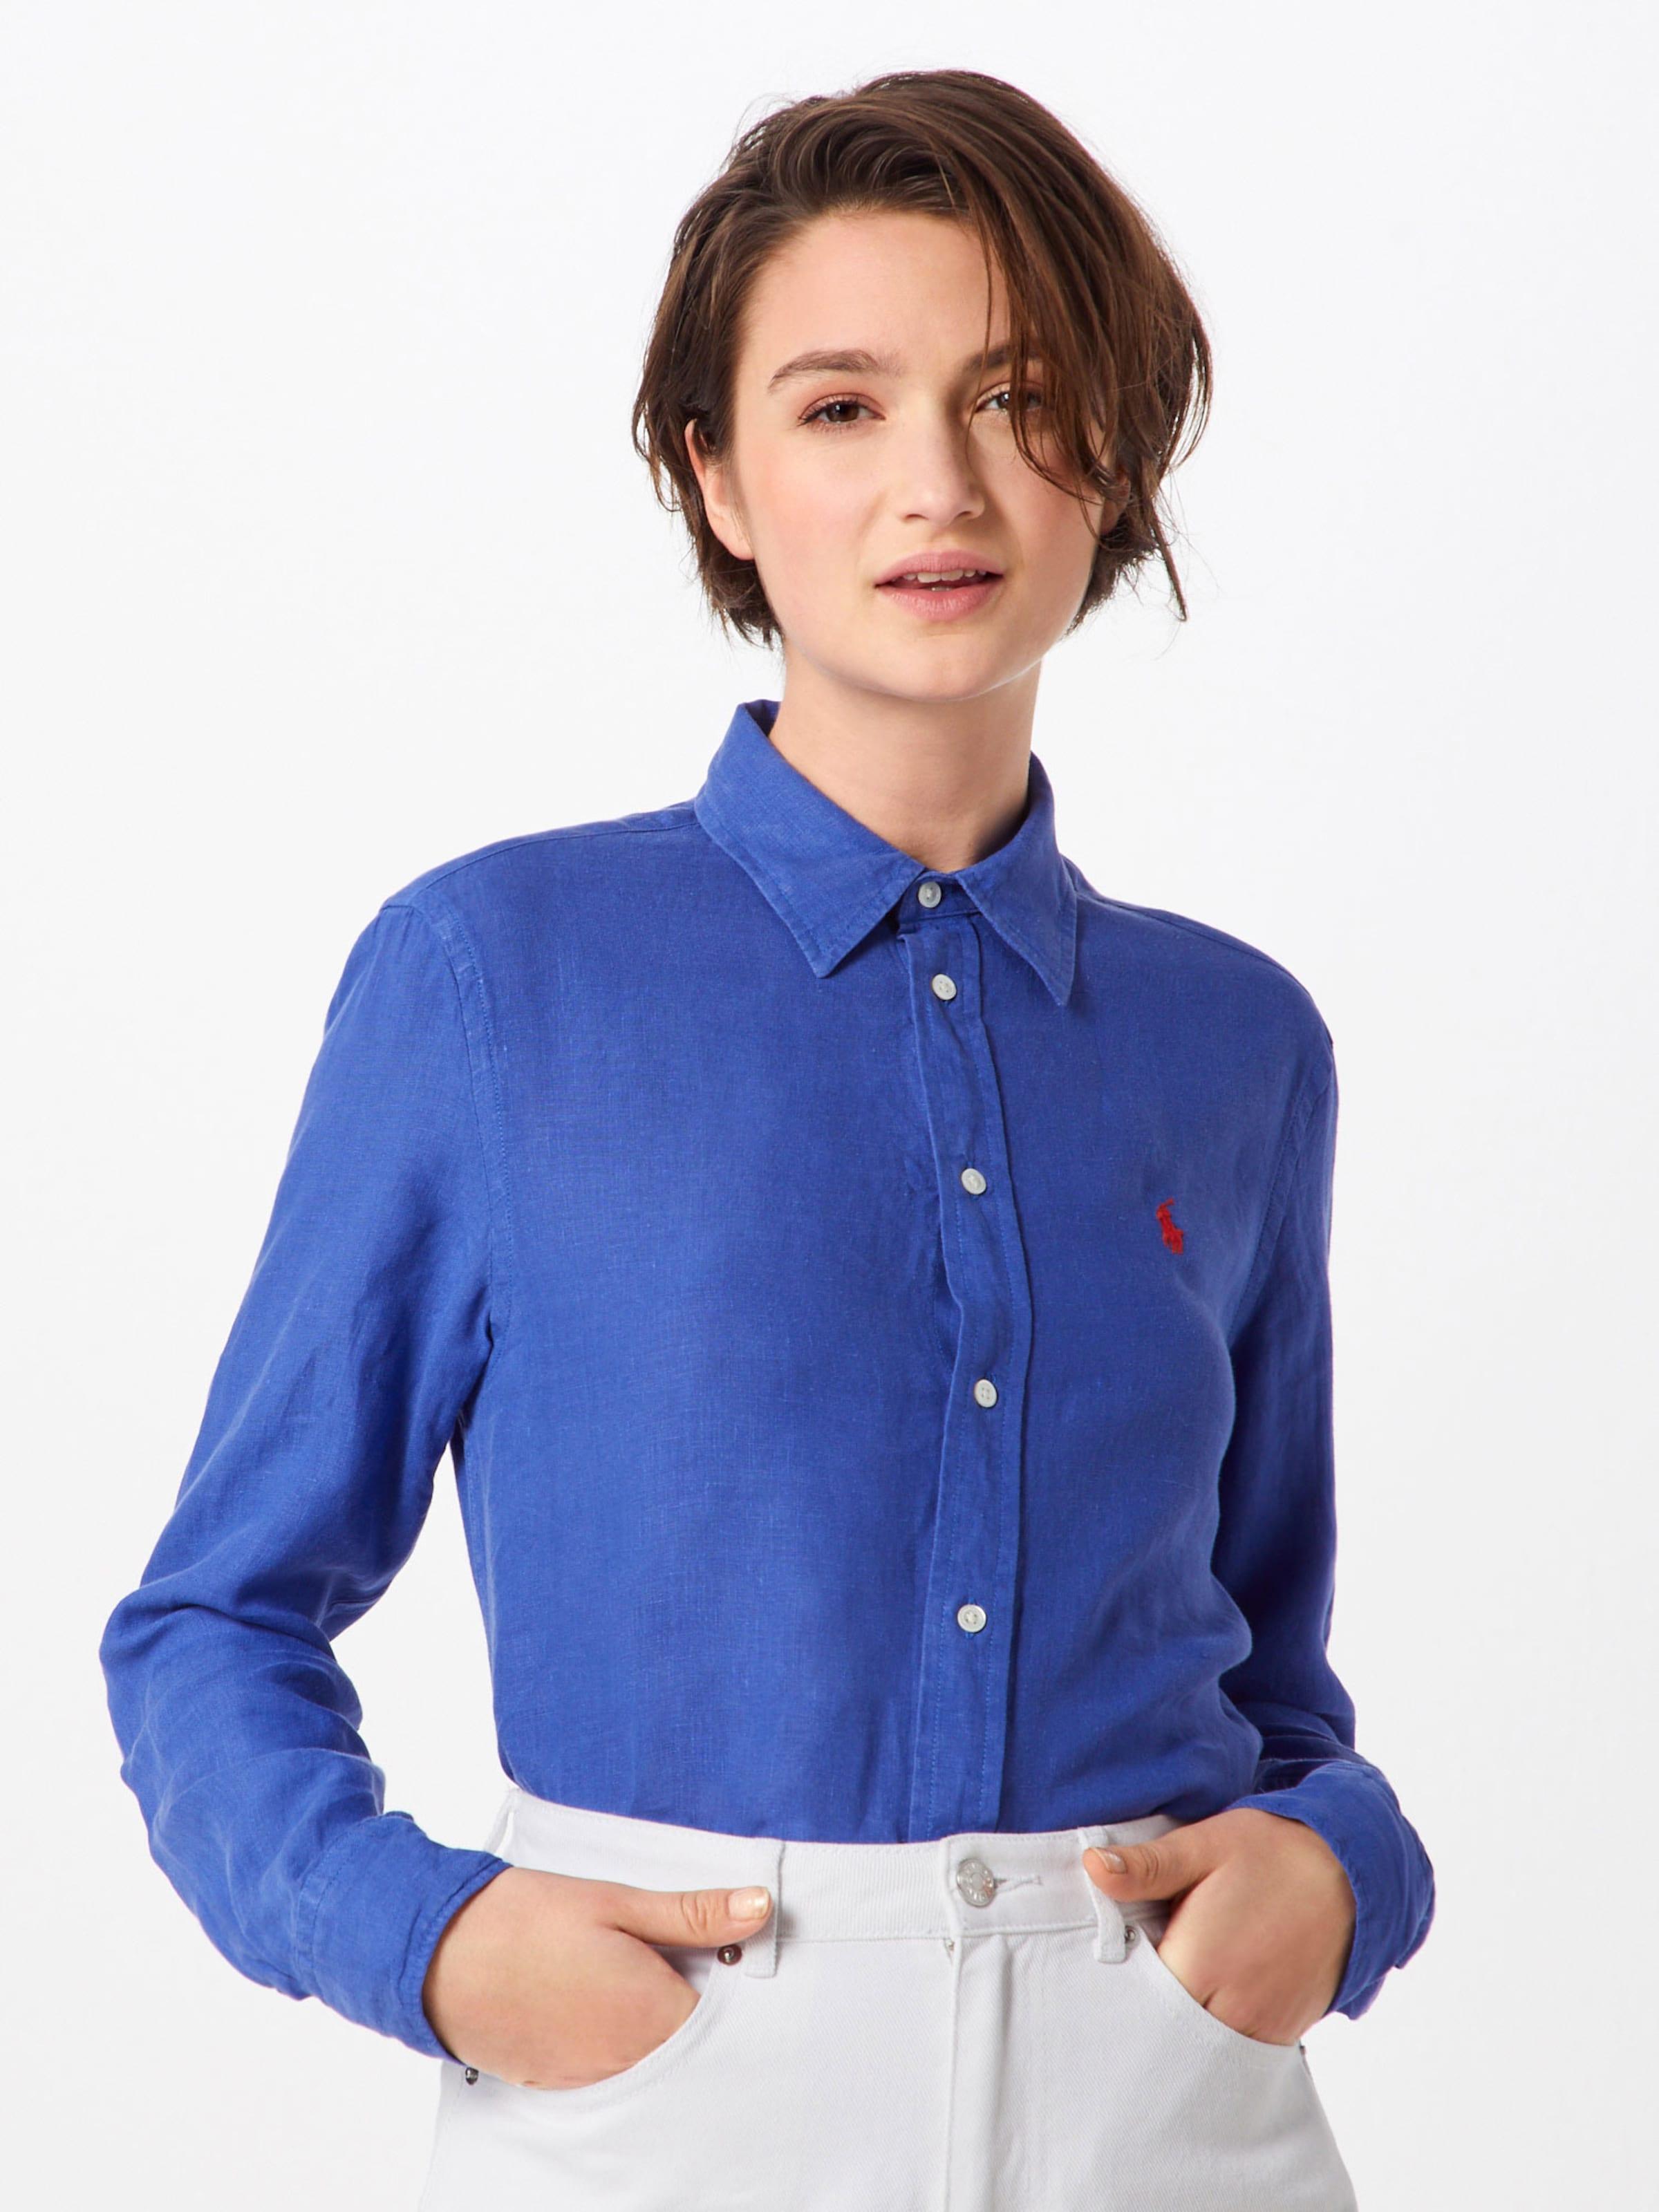 Bleu Polo Ralph Lauren En Chemisier NPX0w8OZnk